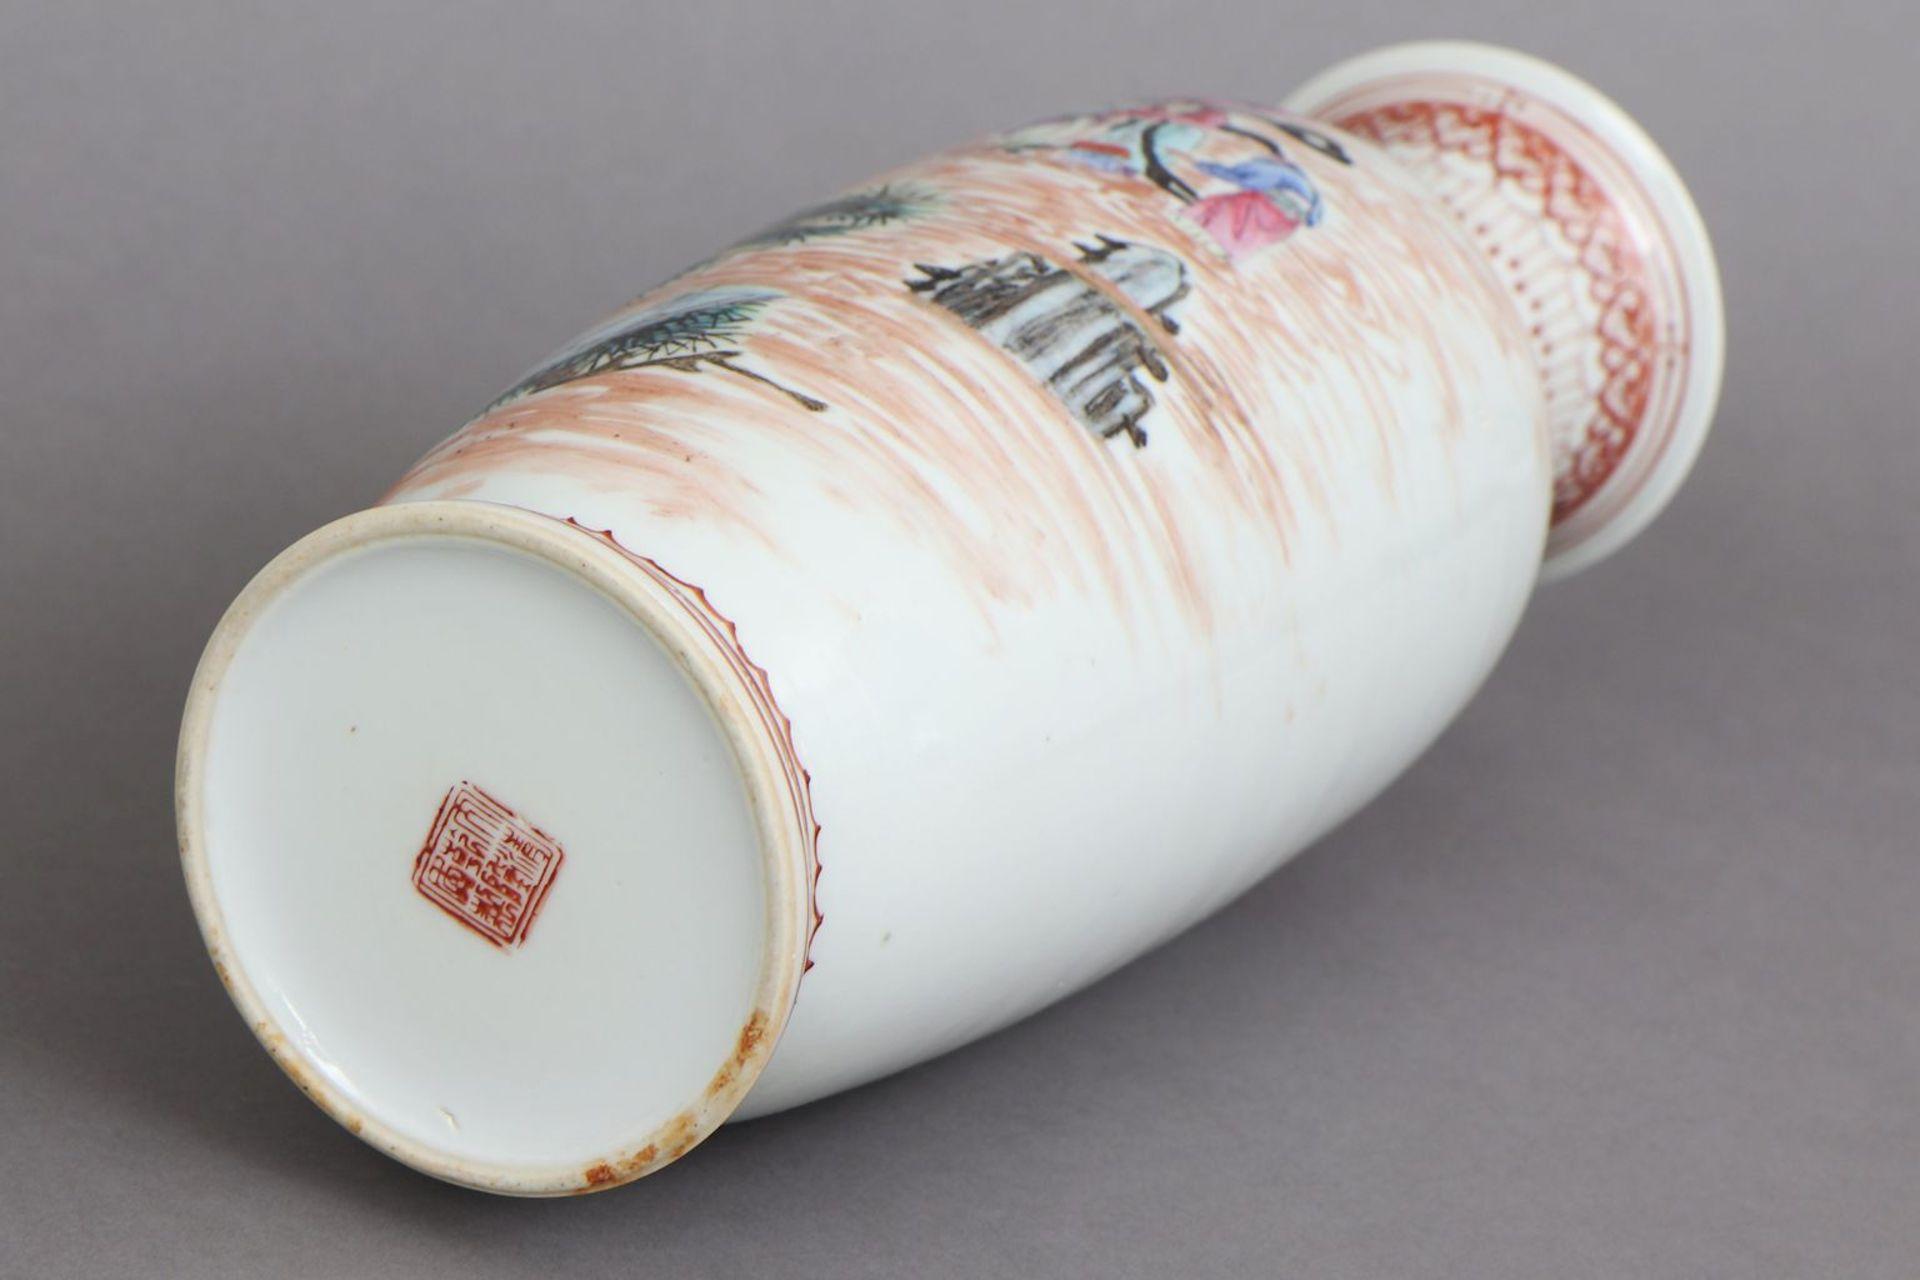 Chinesische Porzellanvase - Image 5 of 5